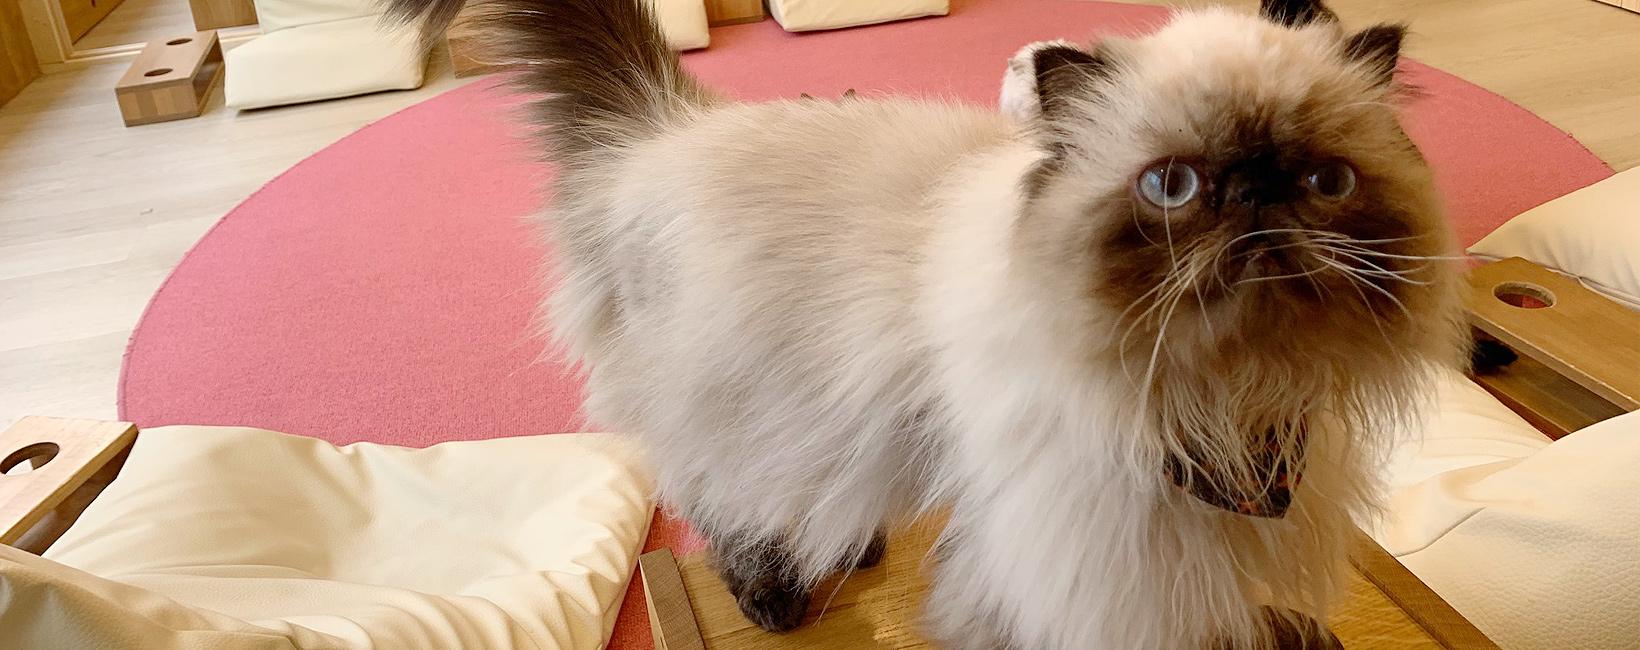 Nekocafe Cat tail